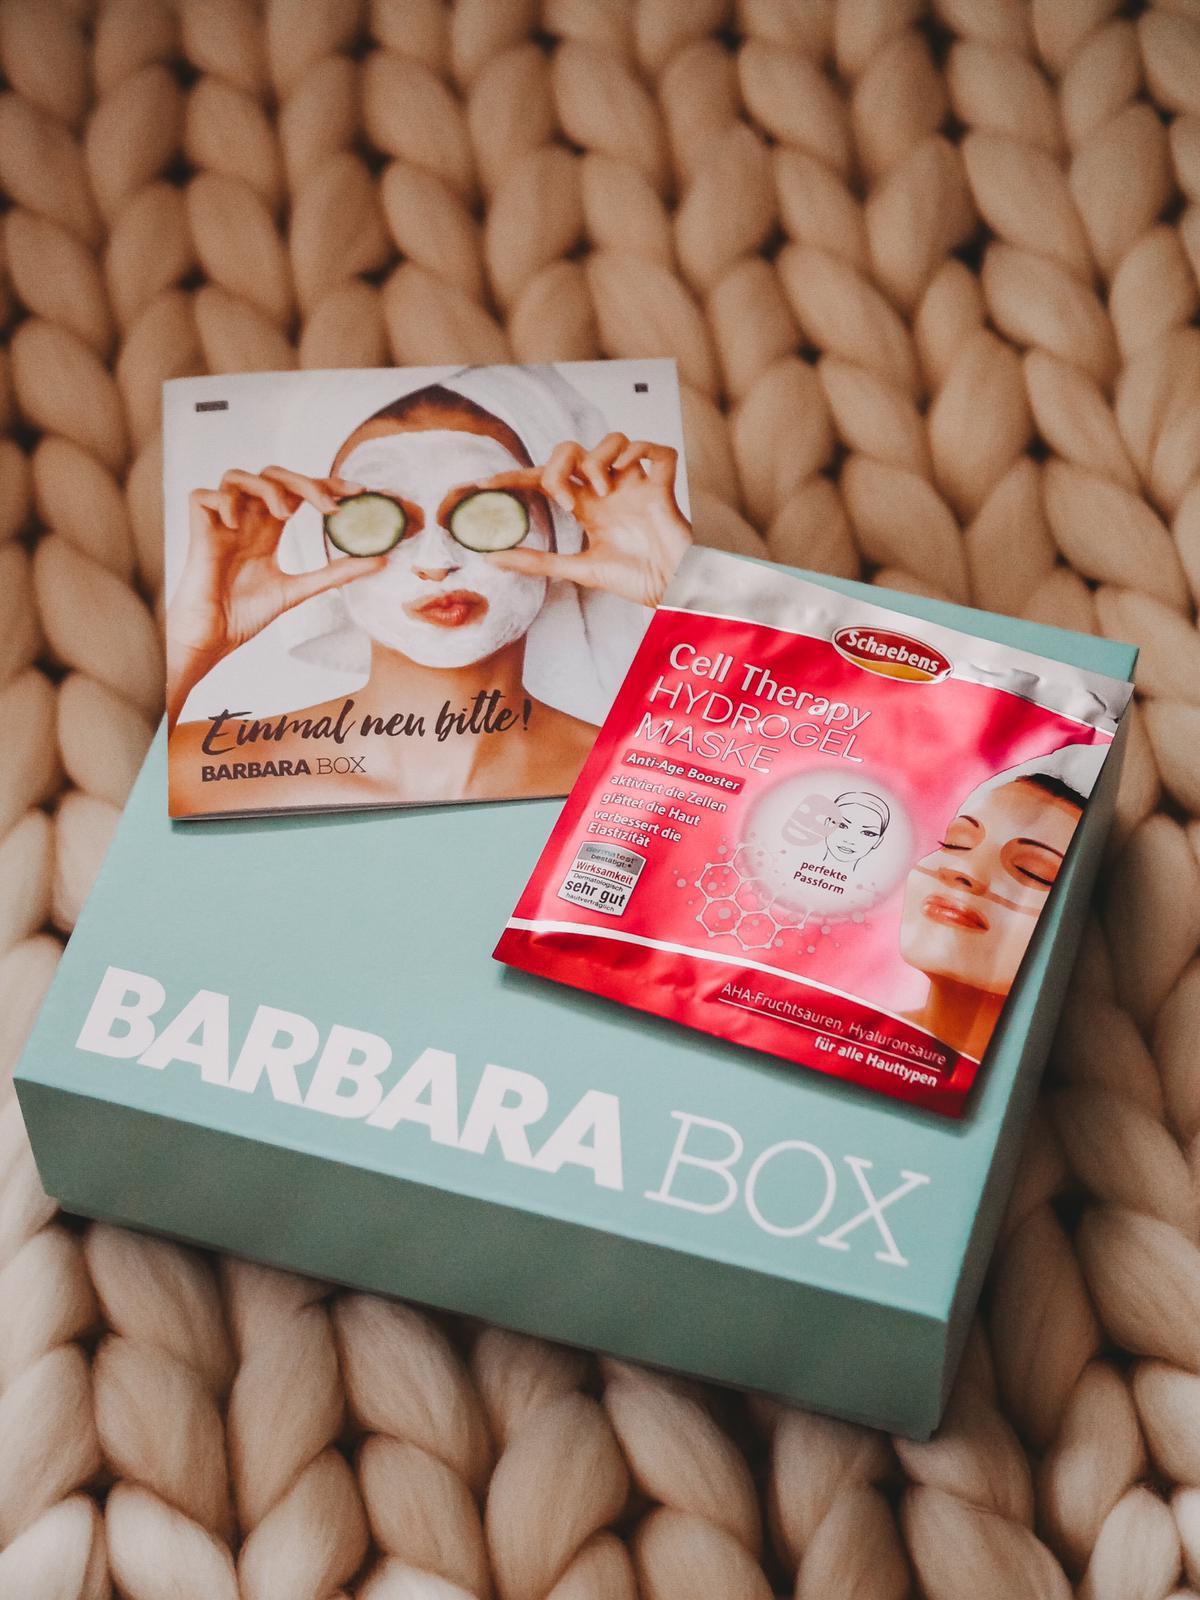 Schaebens Cell Therapy Hydrogel Maske aus der Barbara Box Einmal neu bitte